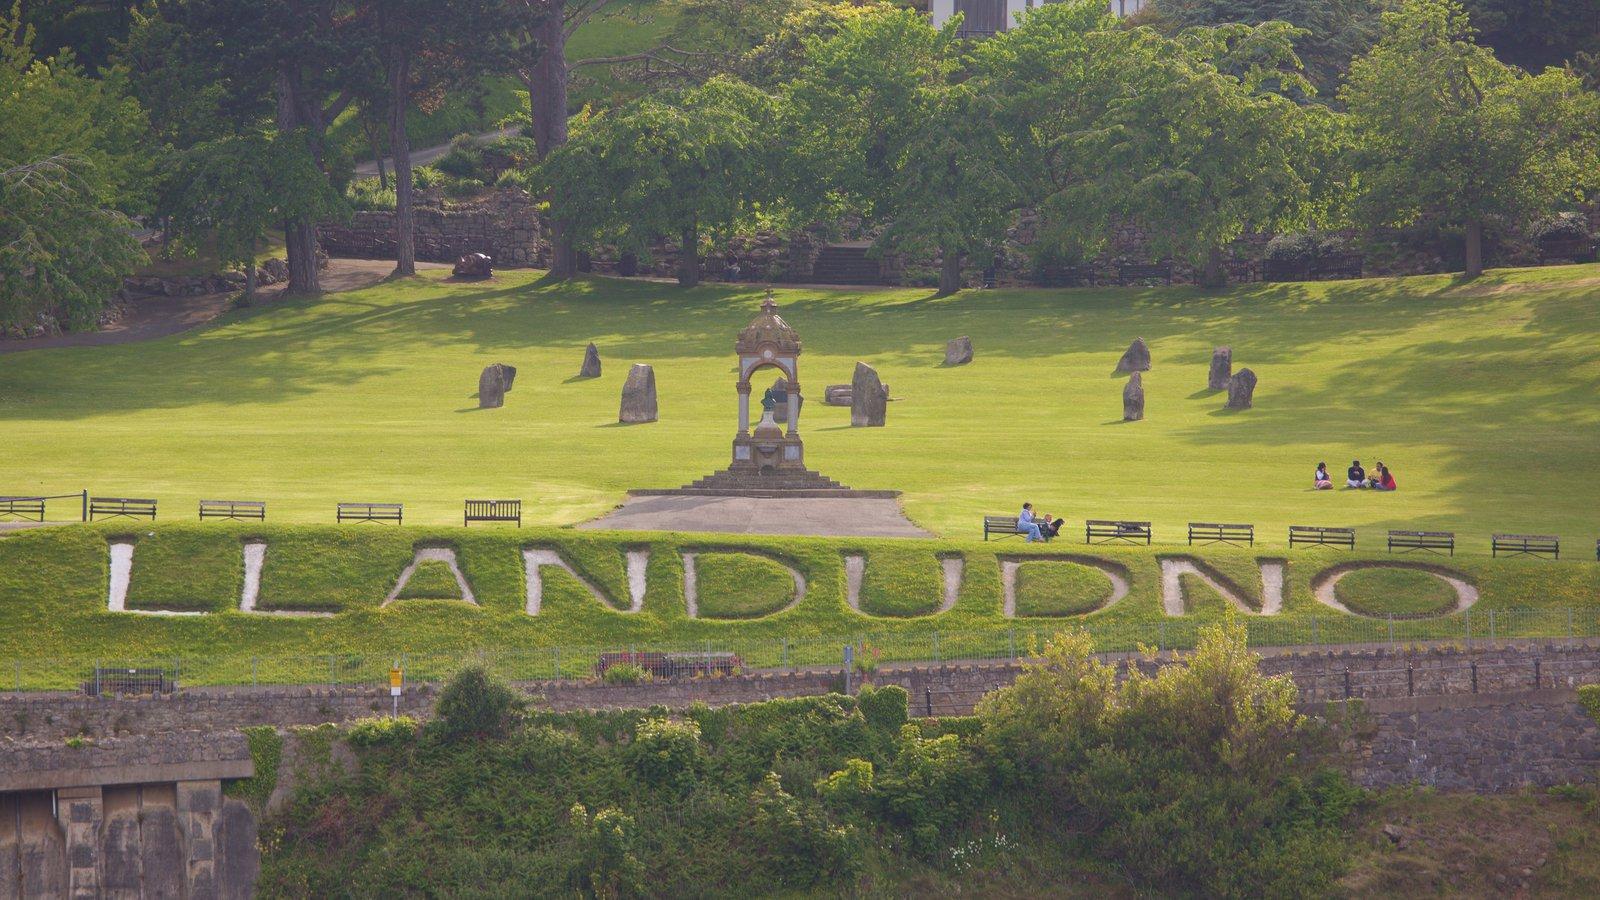 Llandudno mostrando un parque